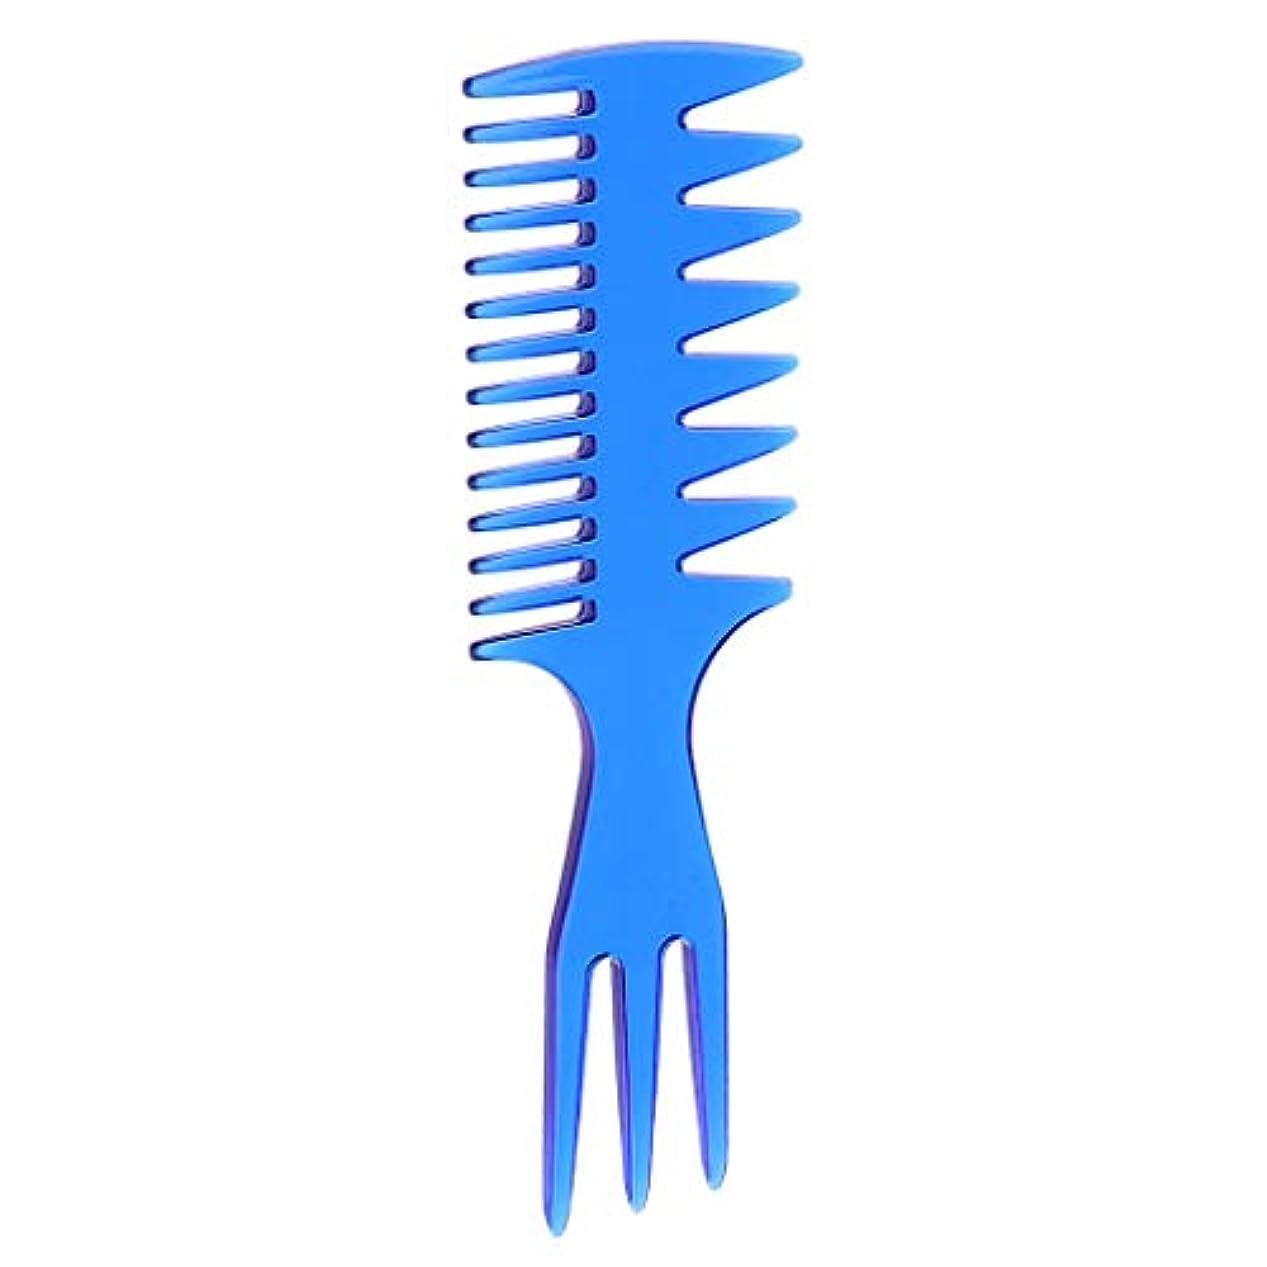 DYNWAVE ヘアダイコーム ヘアブラシ 櫛 ヘアコーム 広い歯コーム 美容サロン 家庭用 用品 3 In 1